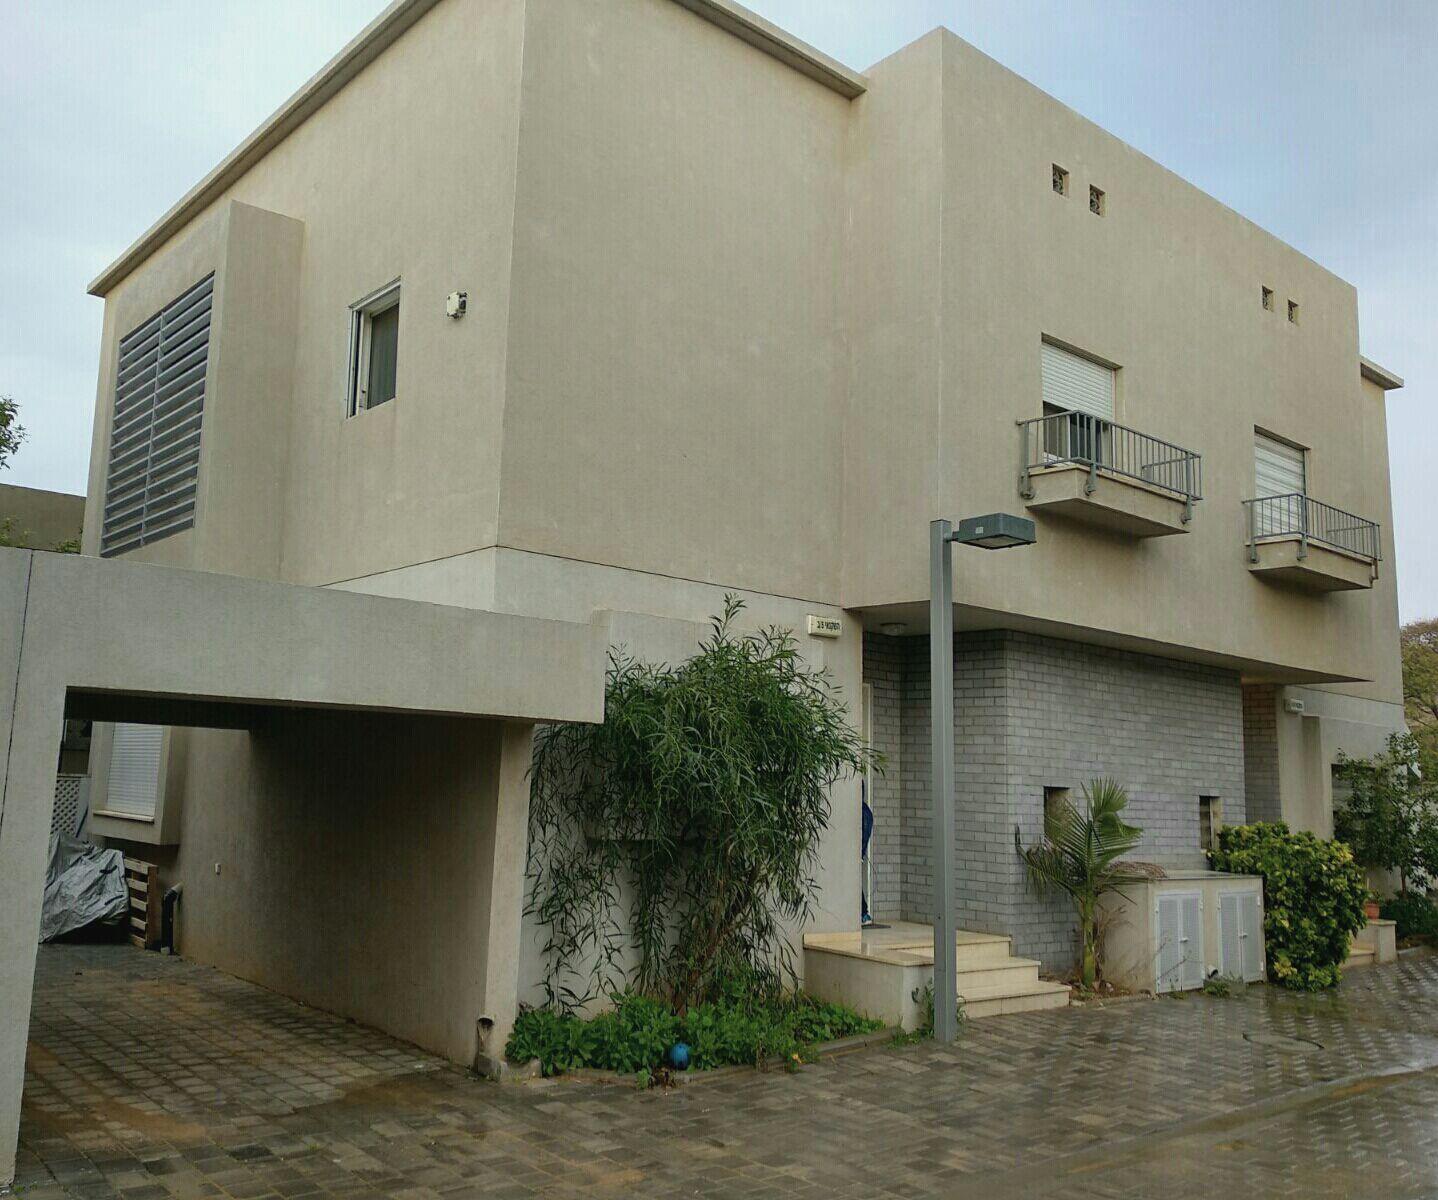 צילום של הבית מבחוץ - צילום מבנה